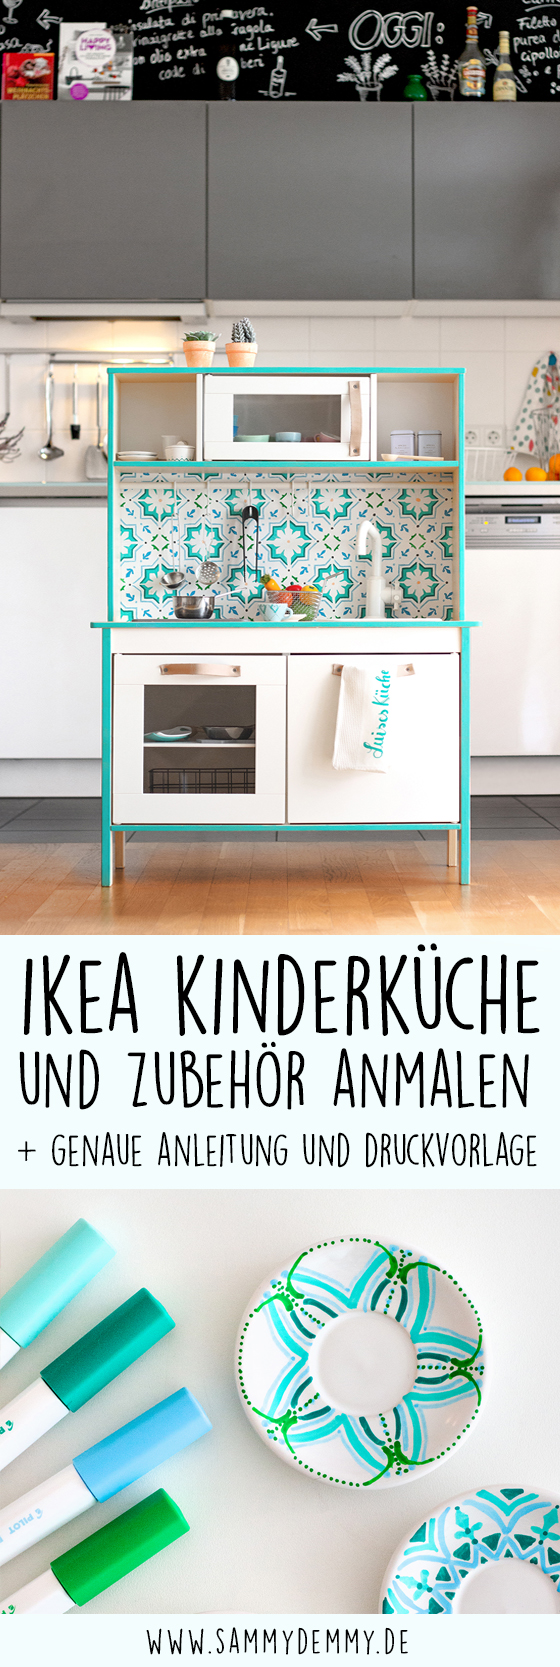 Kinderküche Anleitung